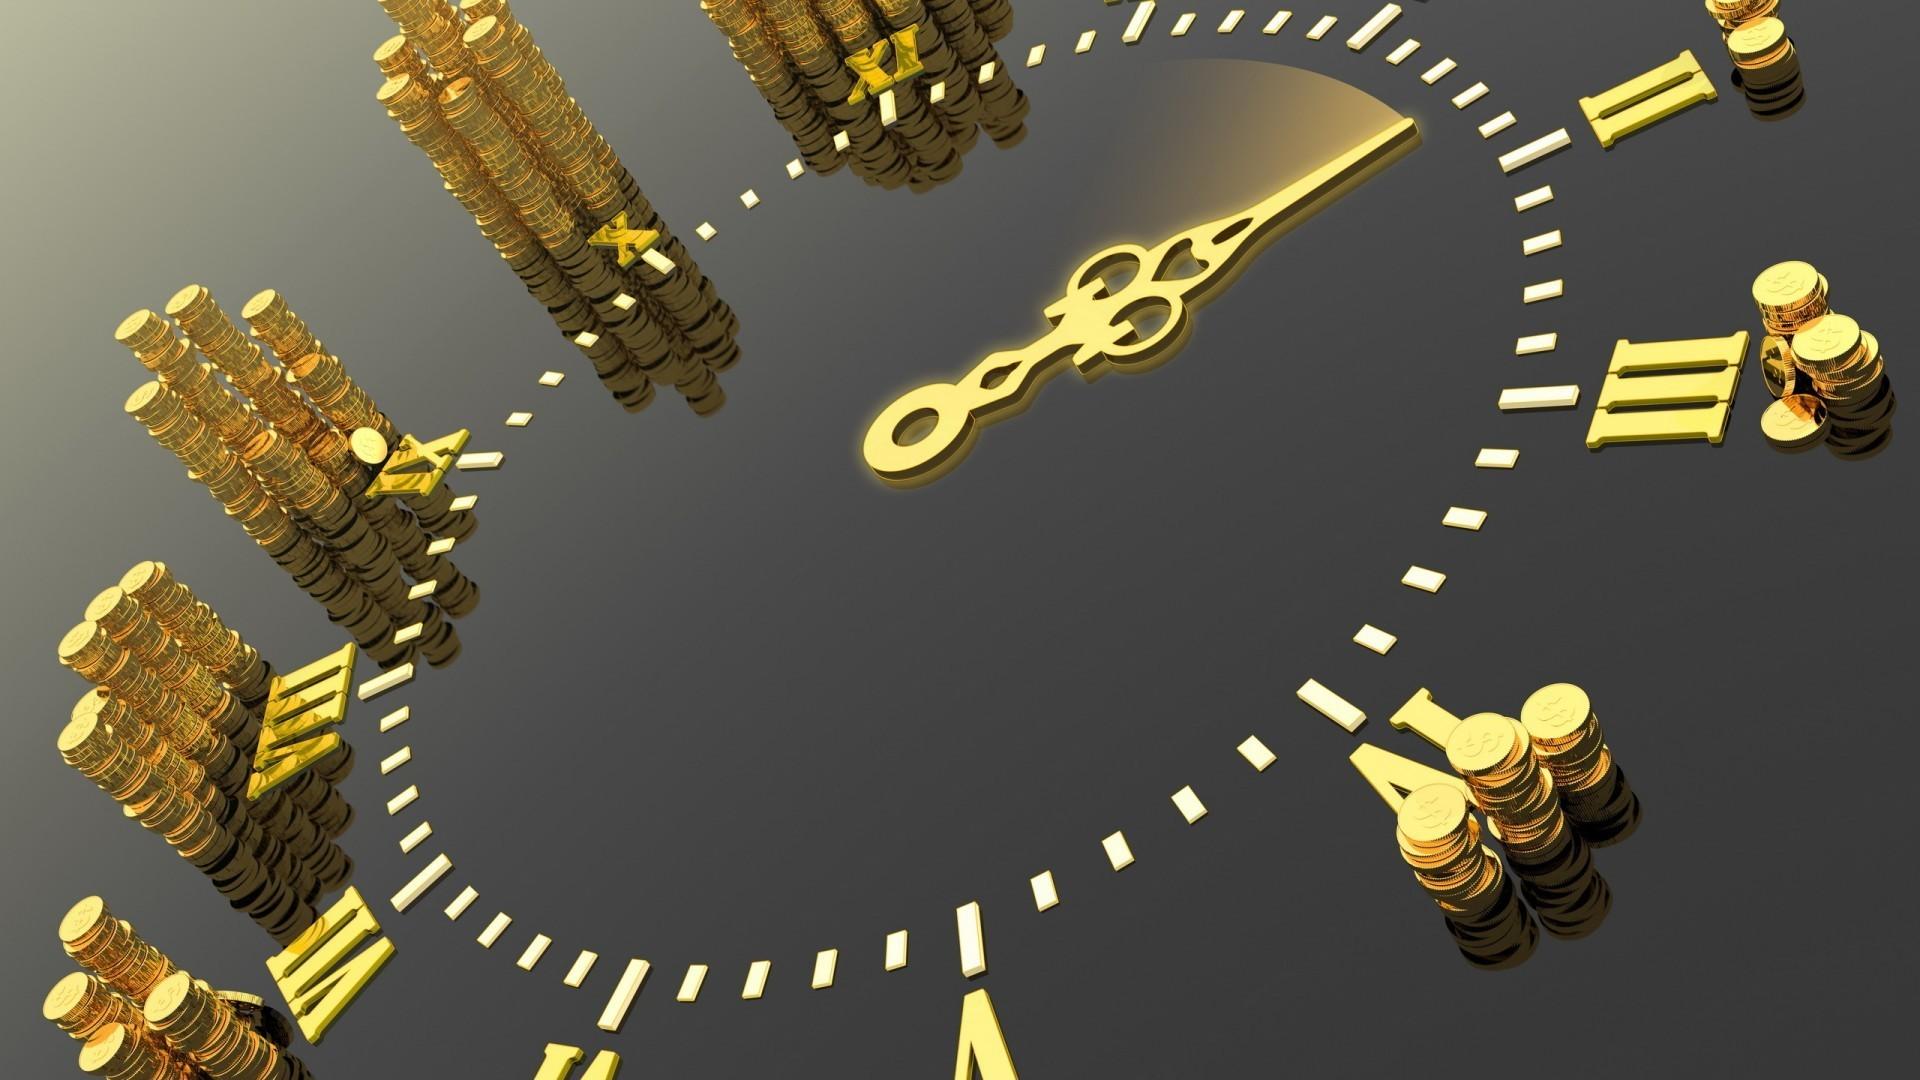 альтернативных картинки денежные часы люди, которых